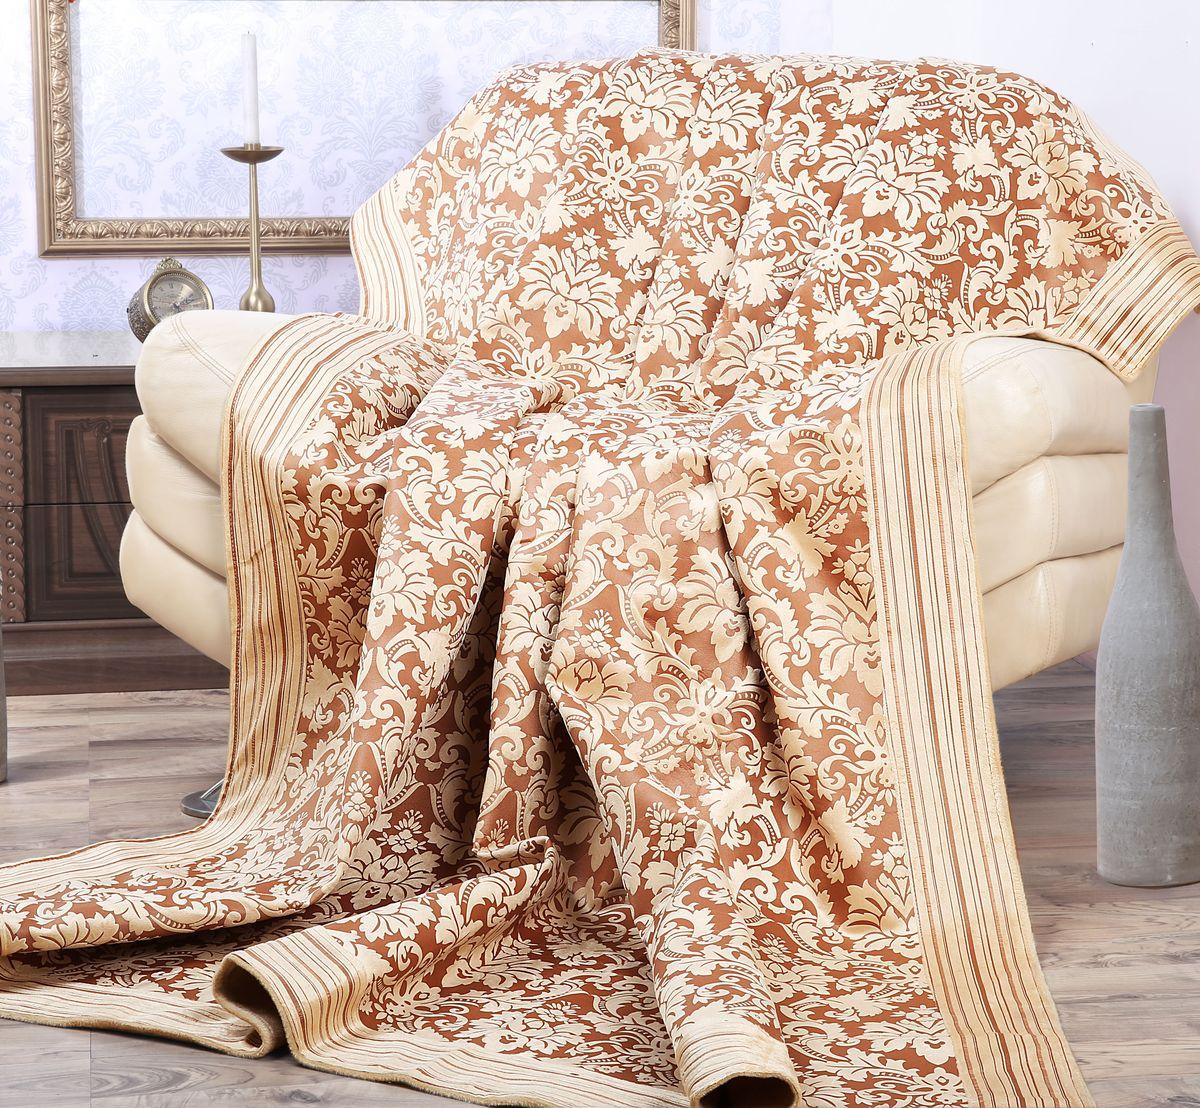 Покрывало Mona Liza Elite Vintage, цвет: бежевый, коричневый, 180 см х 220 смES-412Роскошное покрывало Mona Liza Elite Vintage из высококачественного полиэстера гармонично впишется в интерьер вашего дома и создаст атмосферу уюта и комфорта. Такое покрывало согреет в прохладную погоду и будет превосходно дополнять интерьер вашей спальни. Высочайшее качество материала гарантирует безопасность не только взрослых, но и самых маленьких членов семьи. Небольшой ворс придает покрывалу мягкость и оригинальность. Покрывало может подчеркнуть любой стиль интерьера, задать ему нужный тон - от игривого до ностальгического. Покрывало - это такой подарок, который будет всегда актуален, особенно для ваших родных и близких, ведь вы дарите им частичку своего тепла! Покрывала серии Mona Liza Elite выполнены из шенилловой ткани деворе - при выжигании части волокон образуется характерный рельефный рисунок.